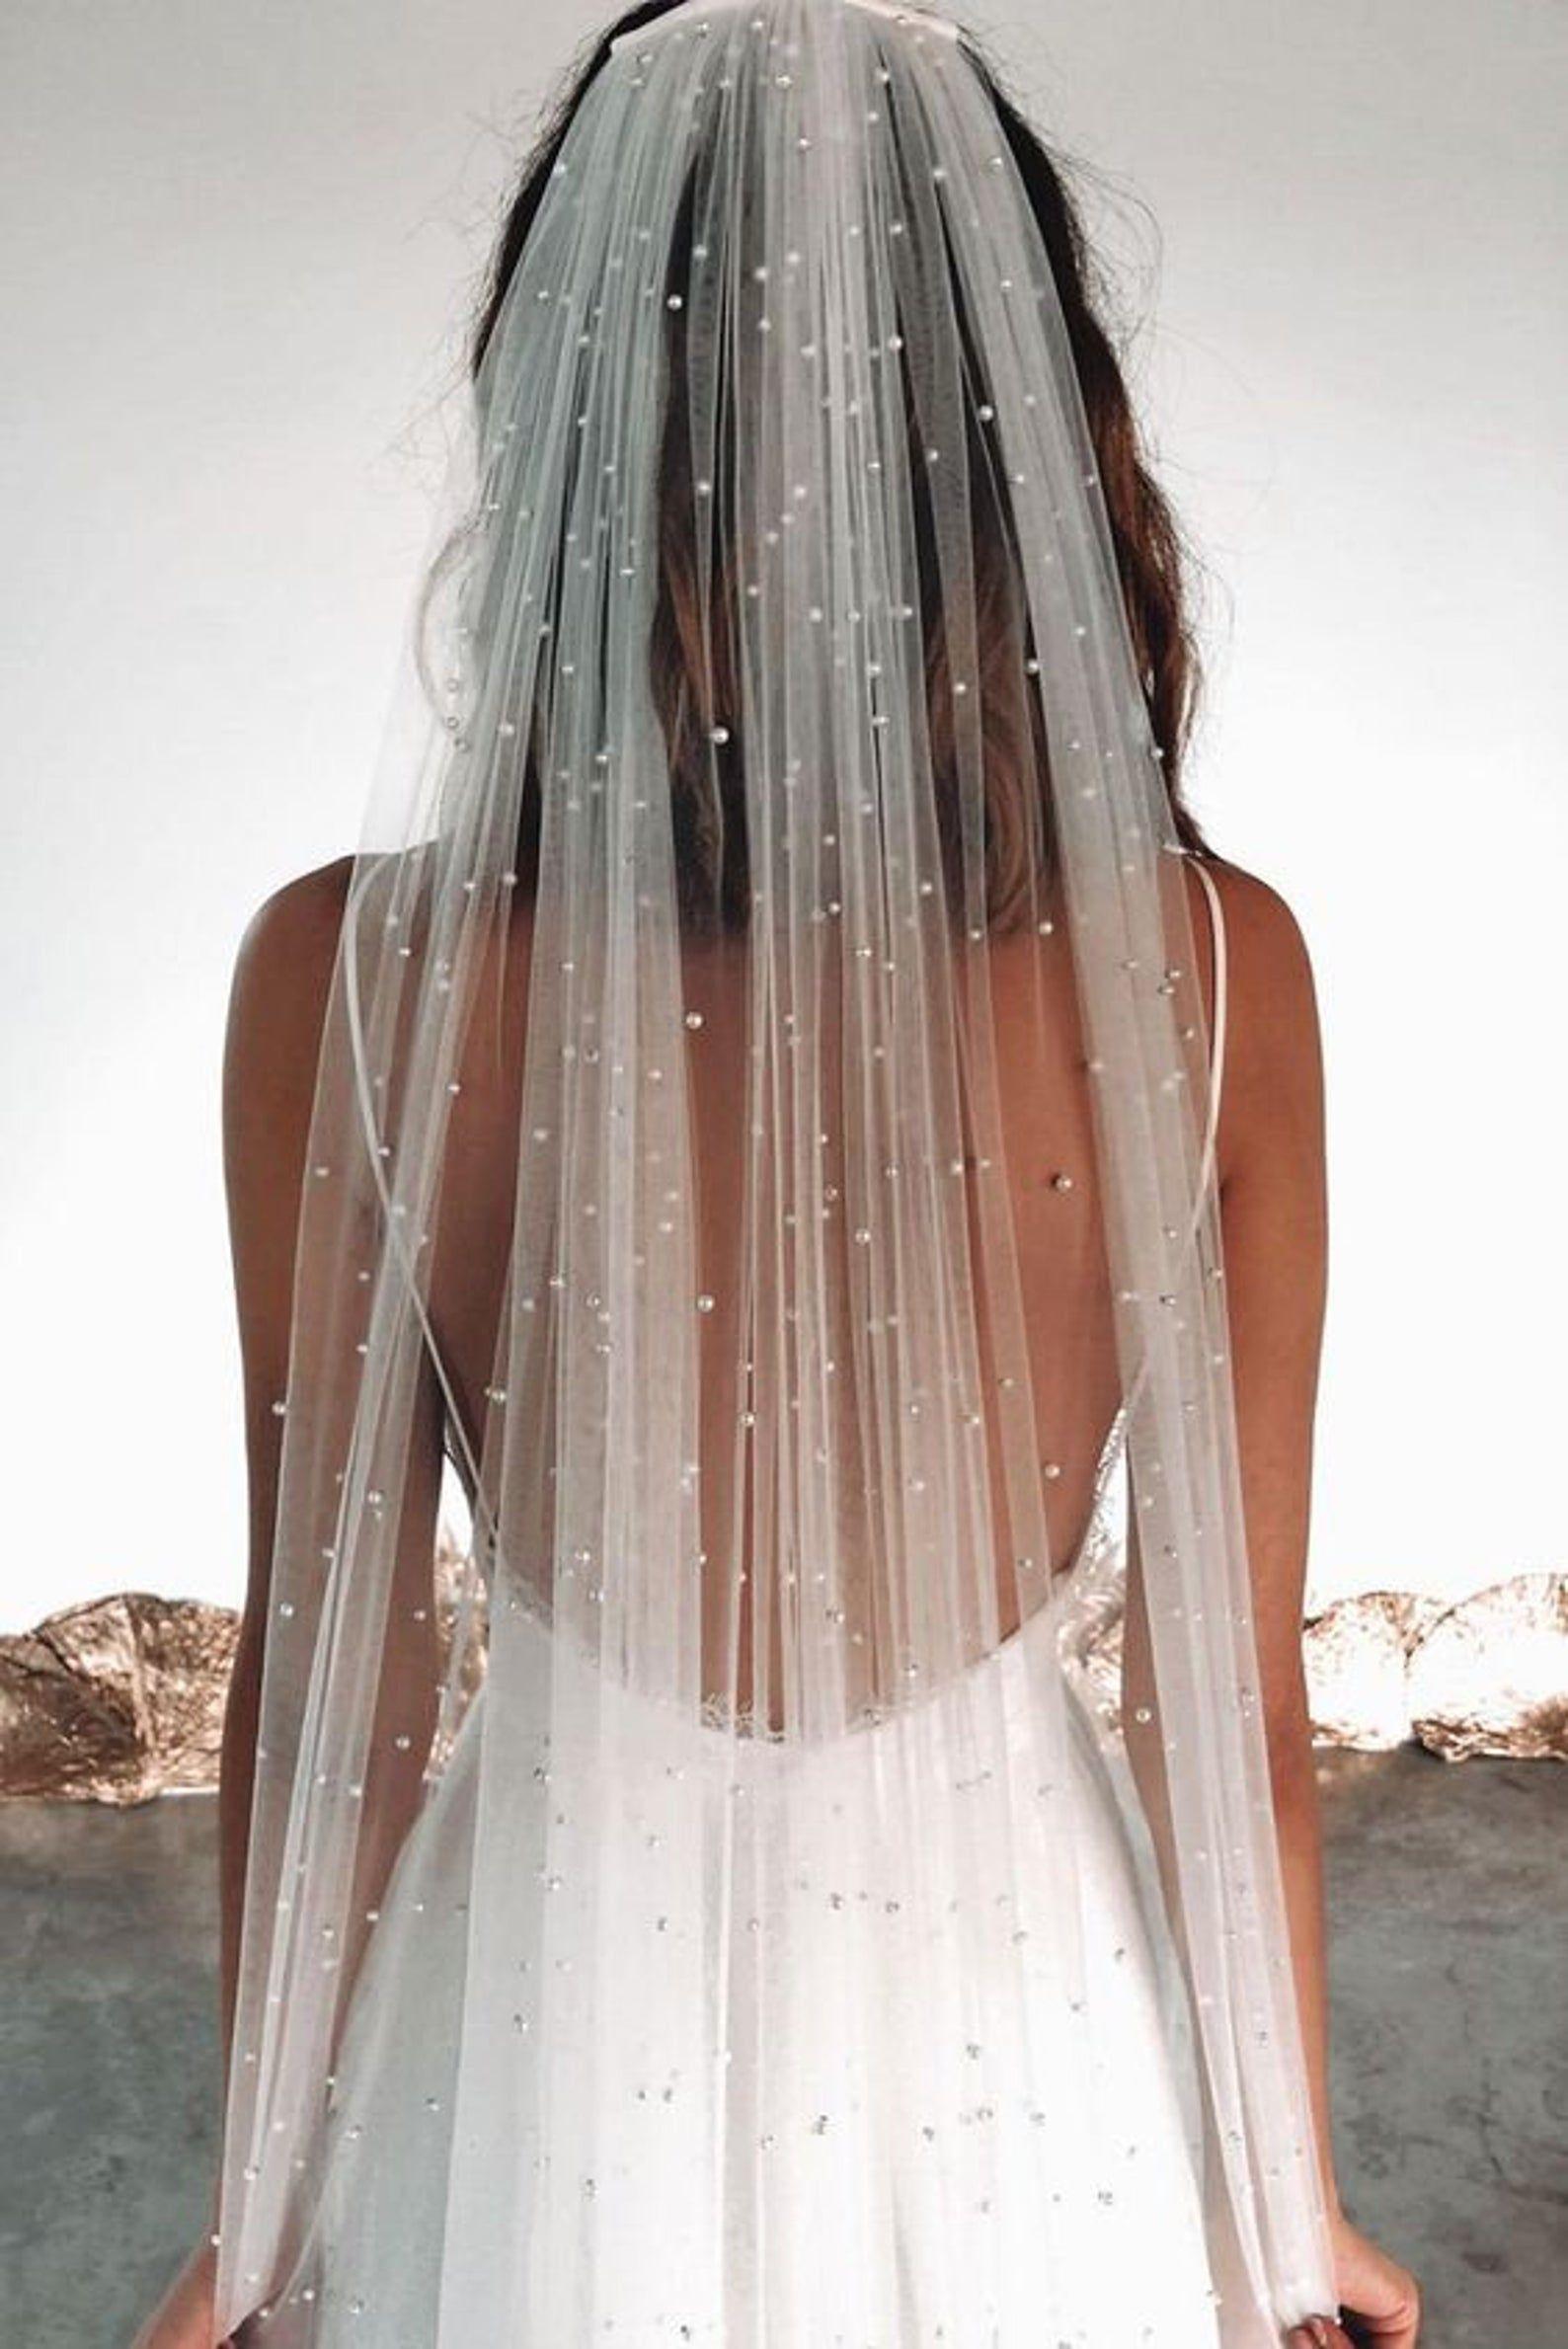 Wedding Veil Floral Veil Pearls Veil Pearl Edge Veil Ivory Etsy Long Veils Bridal Long Veil Wedding Short Veils Bridal [ 2379 x 1588 Pixel ]